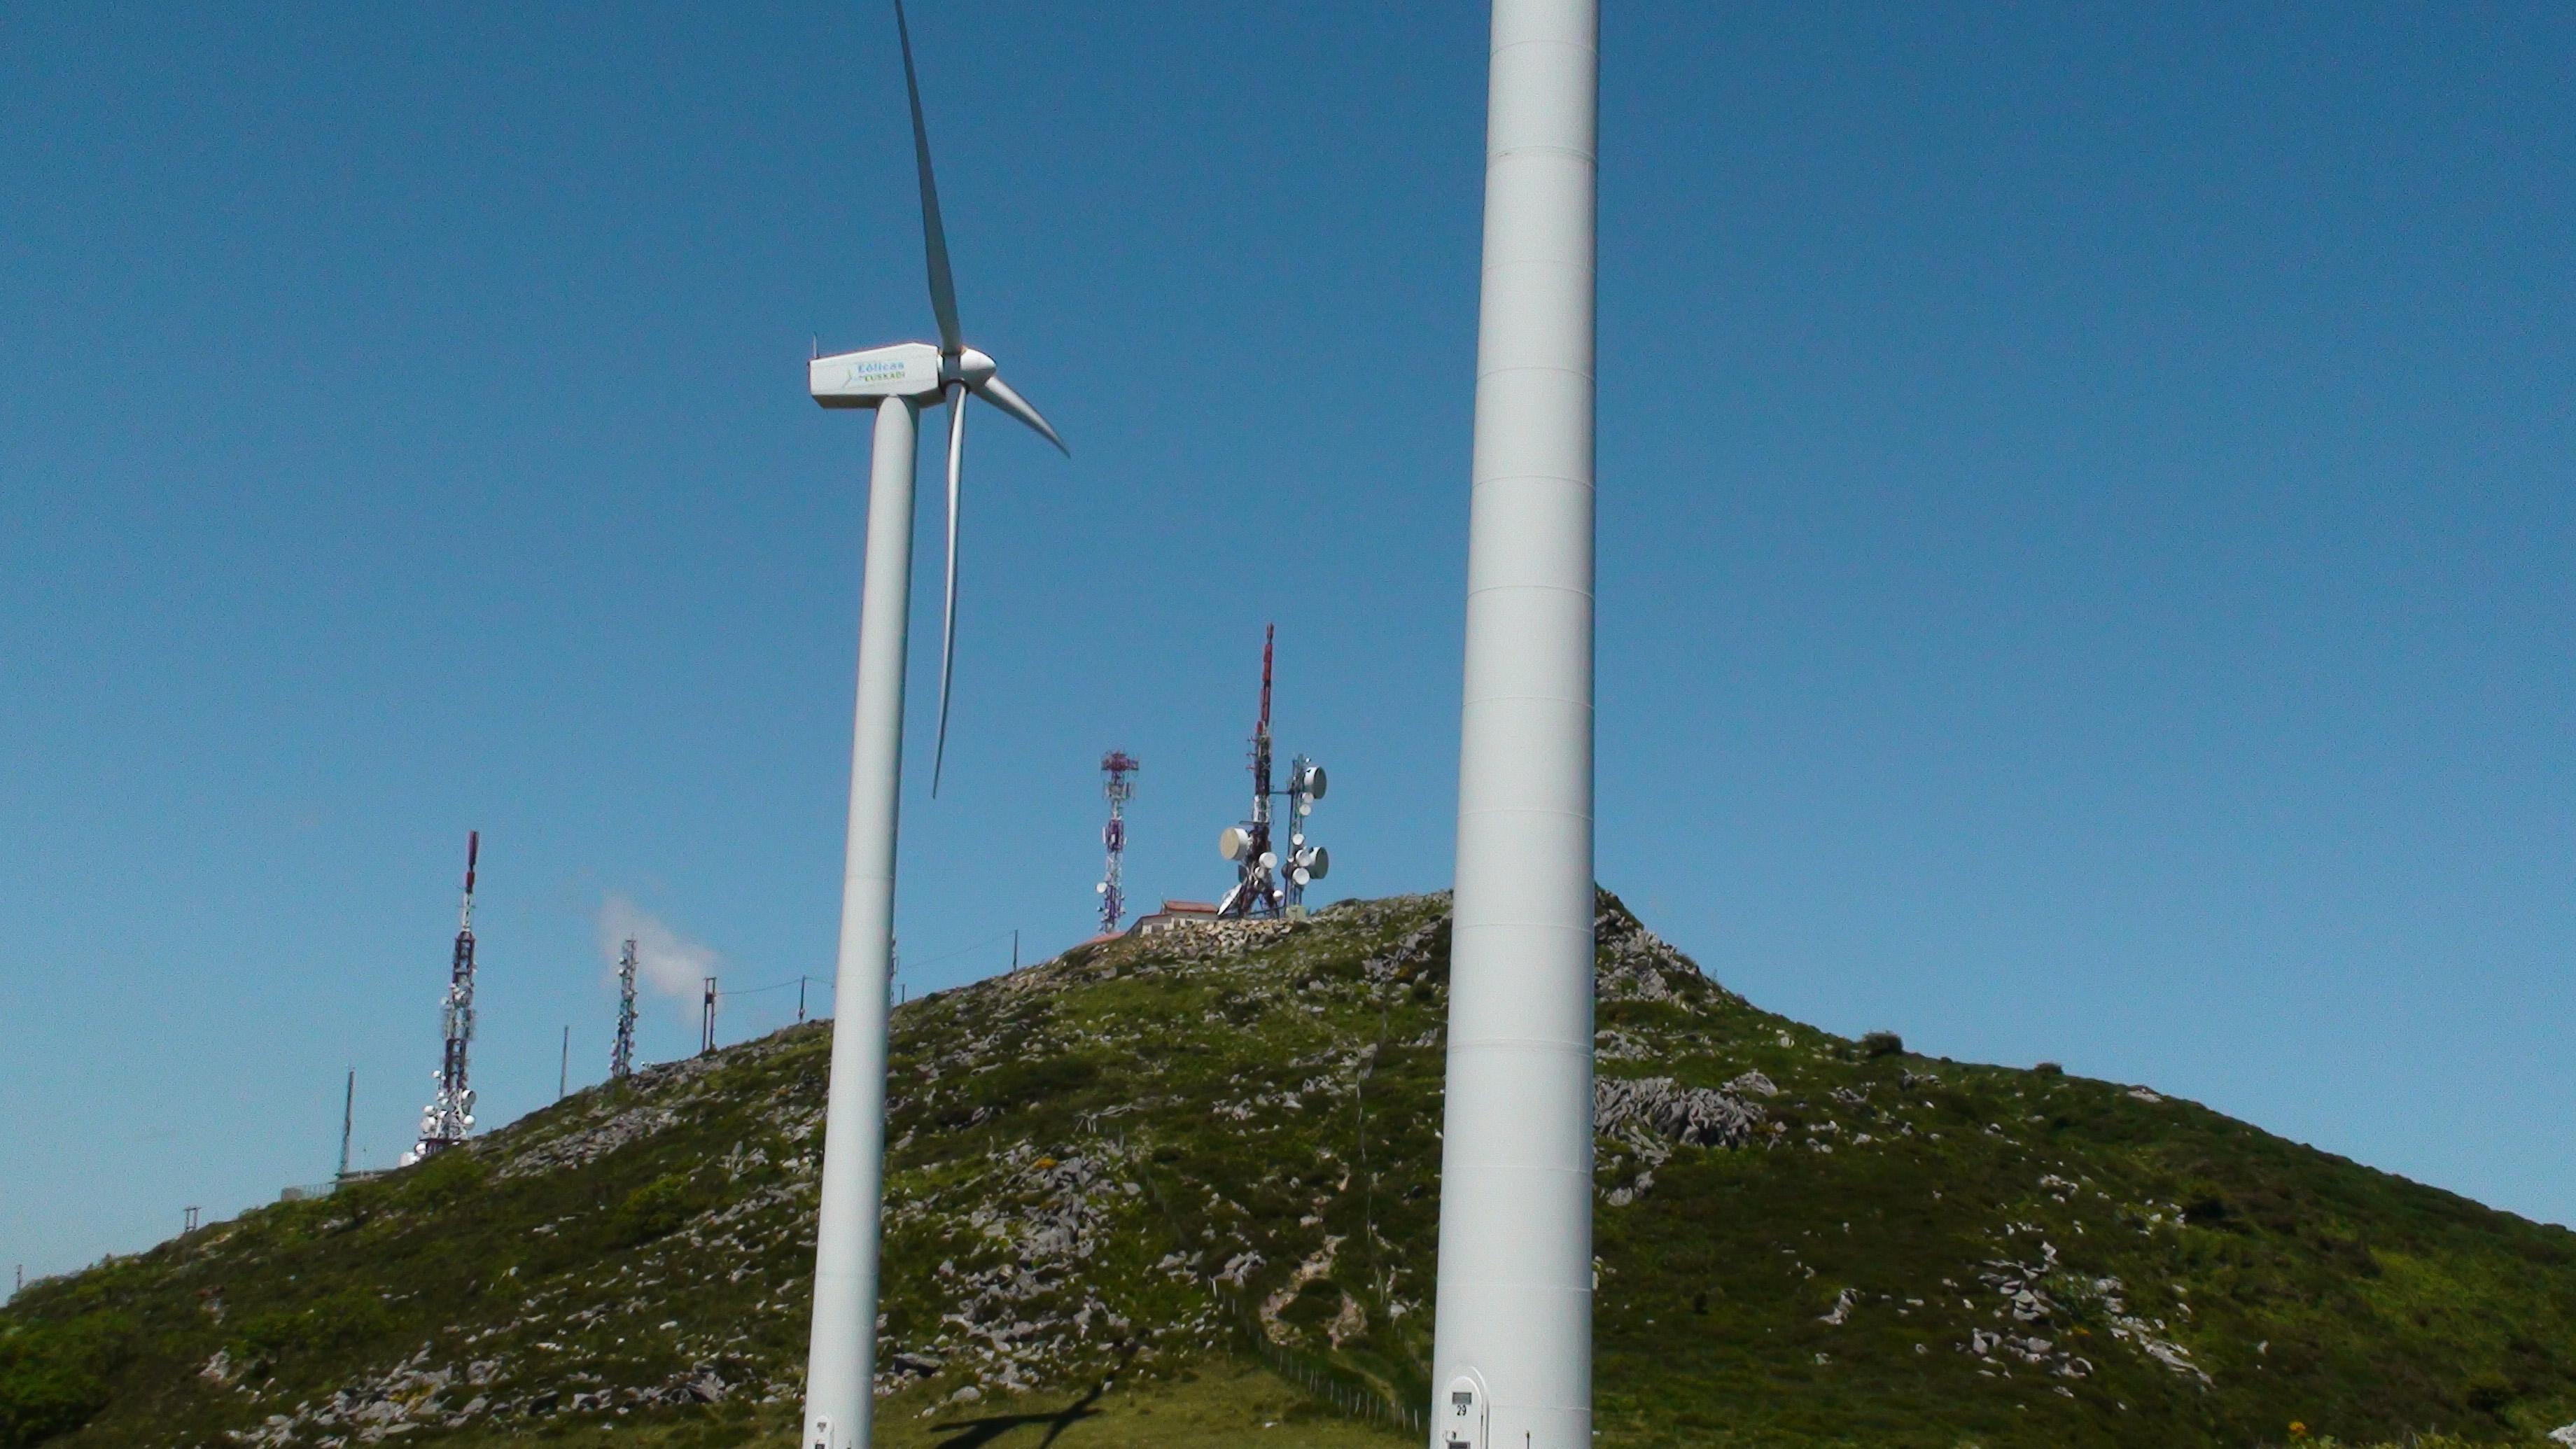 Sopcawind, telekomunikazioetan parke eolikoek eragin ditzaketen interferentziak aztertzeko softwarea